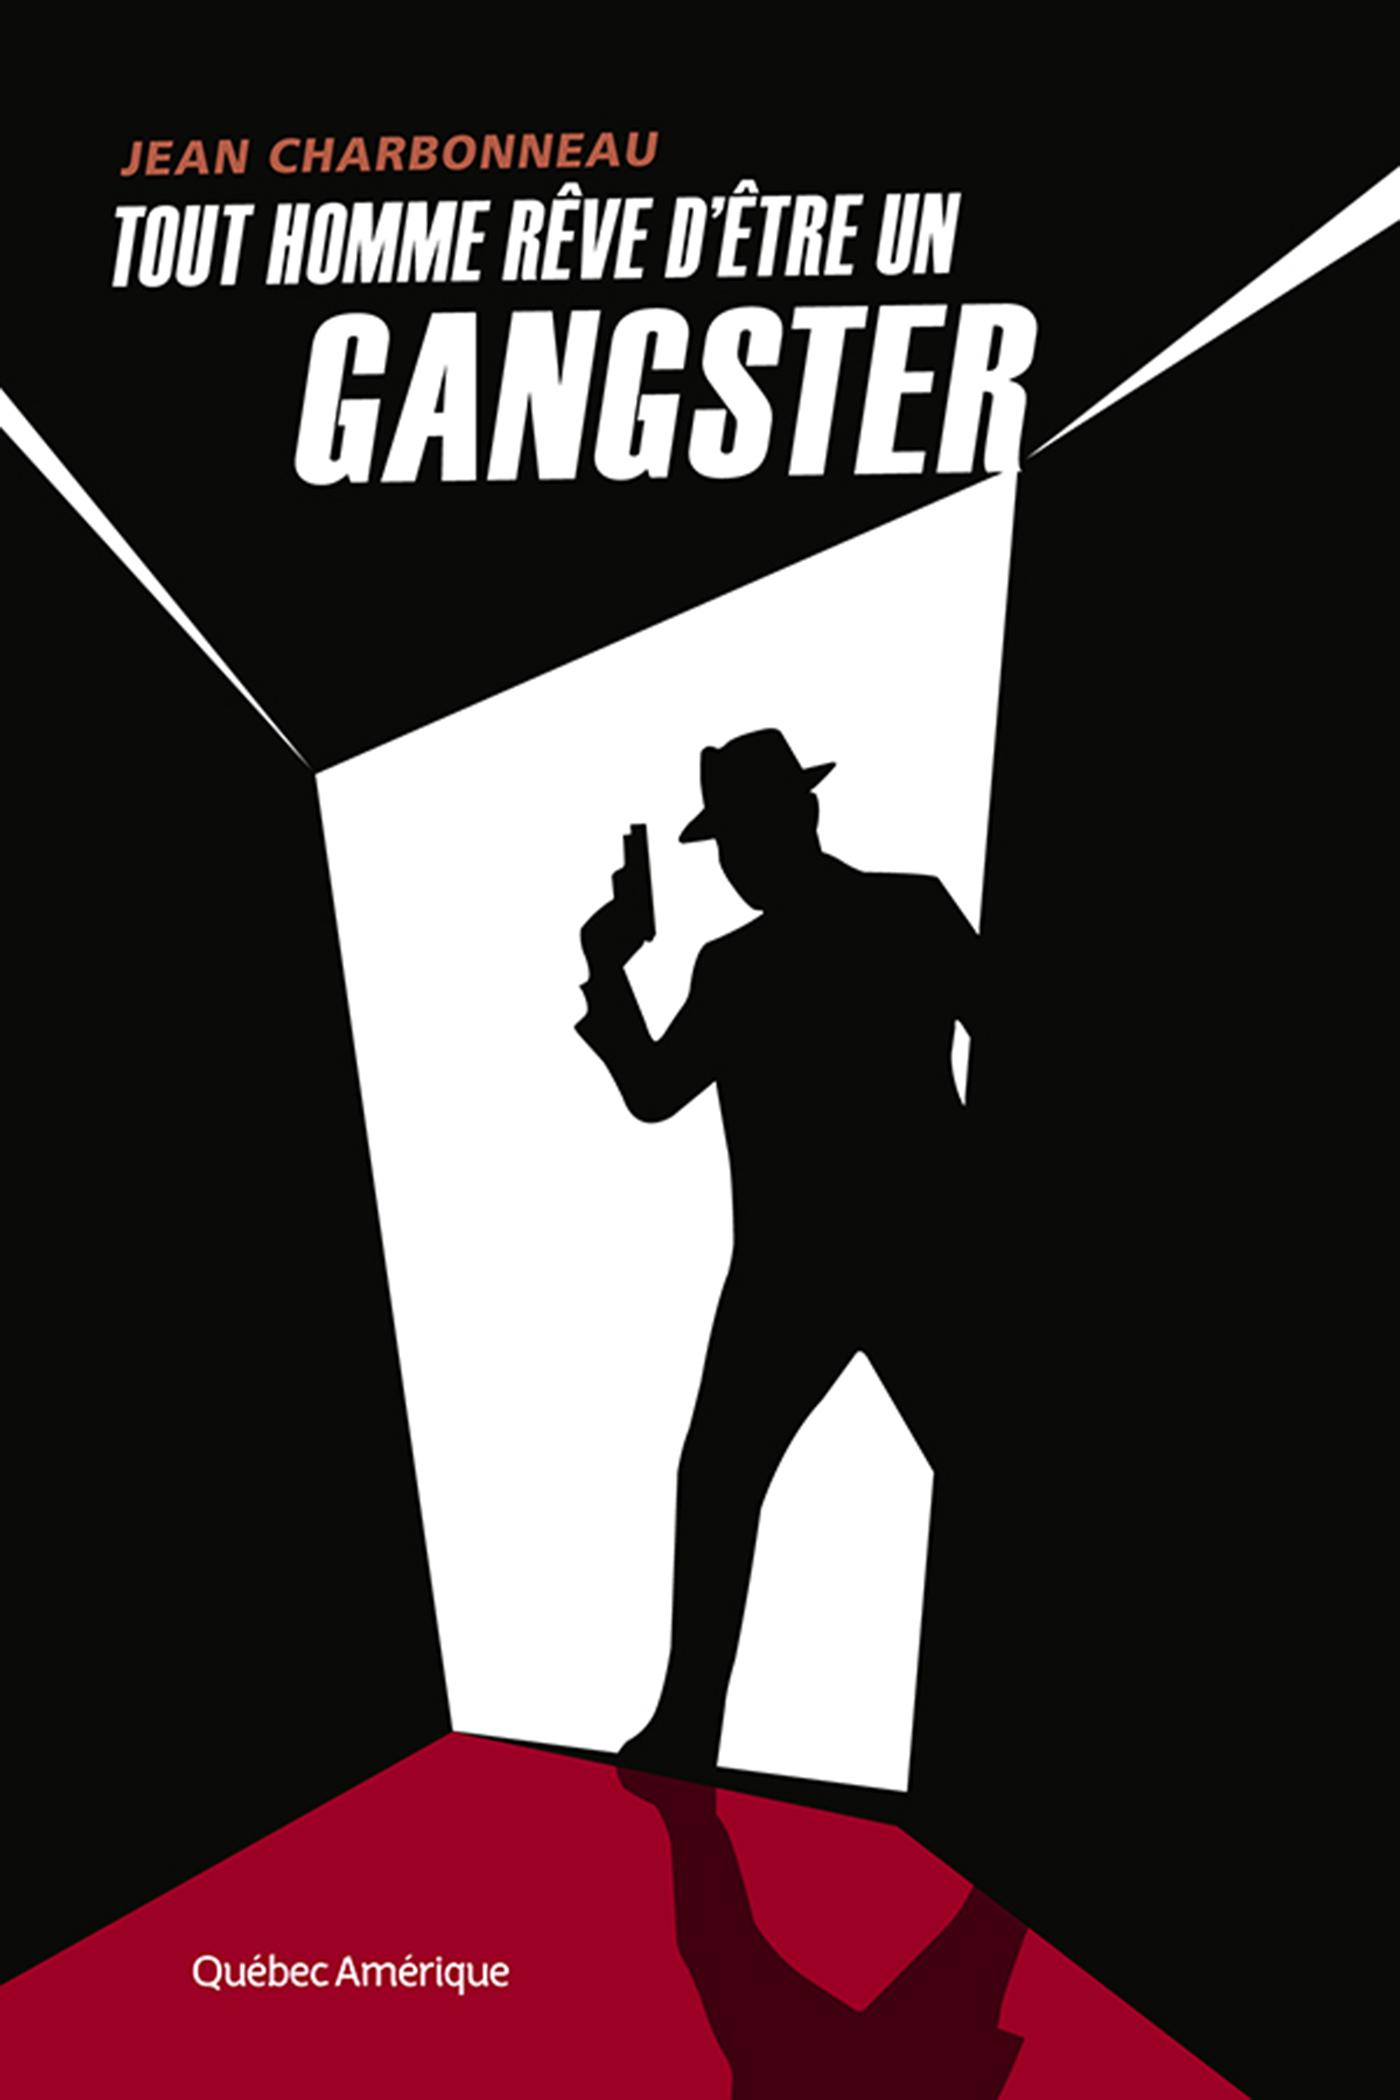 Couverture : Tout homme rêve d'être un gangster Jean Charbonneau